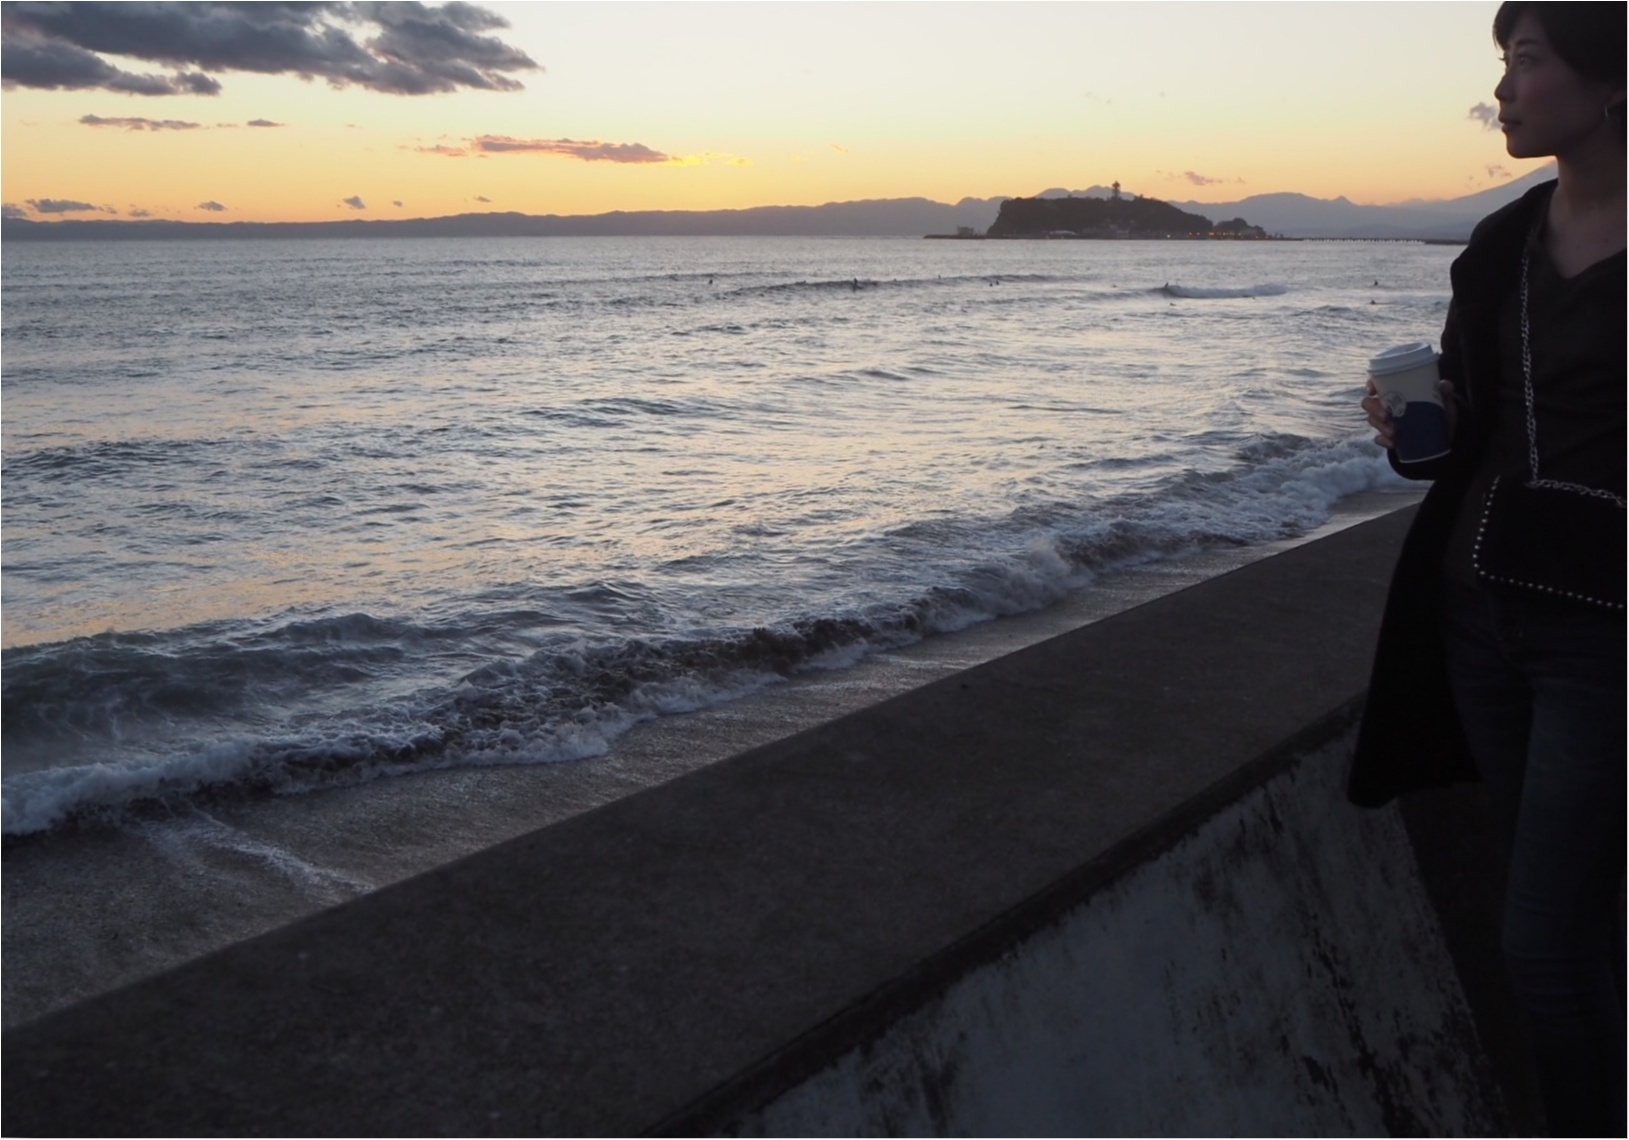 【アロハ☺︎気分はハワイ?】美味しいコーヒーと目の前に広がる七里ガ浜の海!贅沢な時間をぜひココで...❤︎_4_2